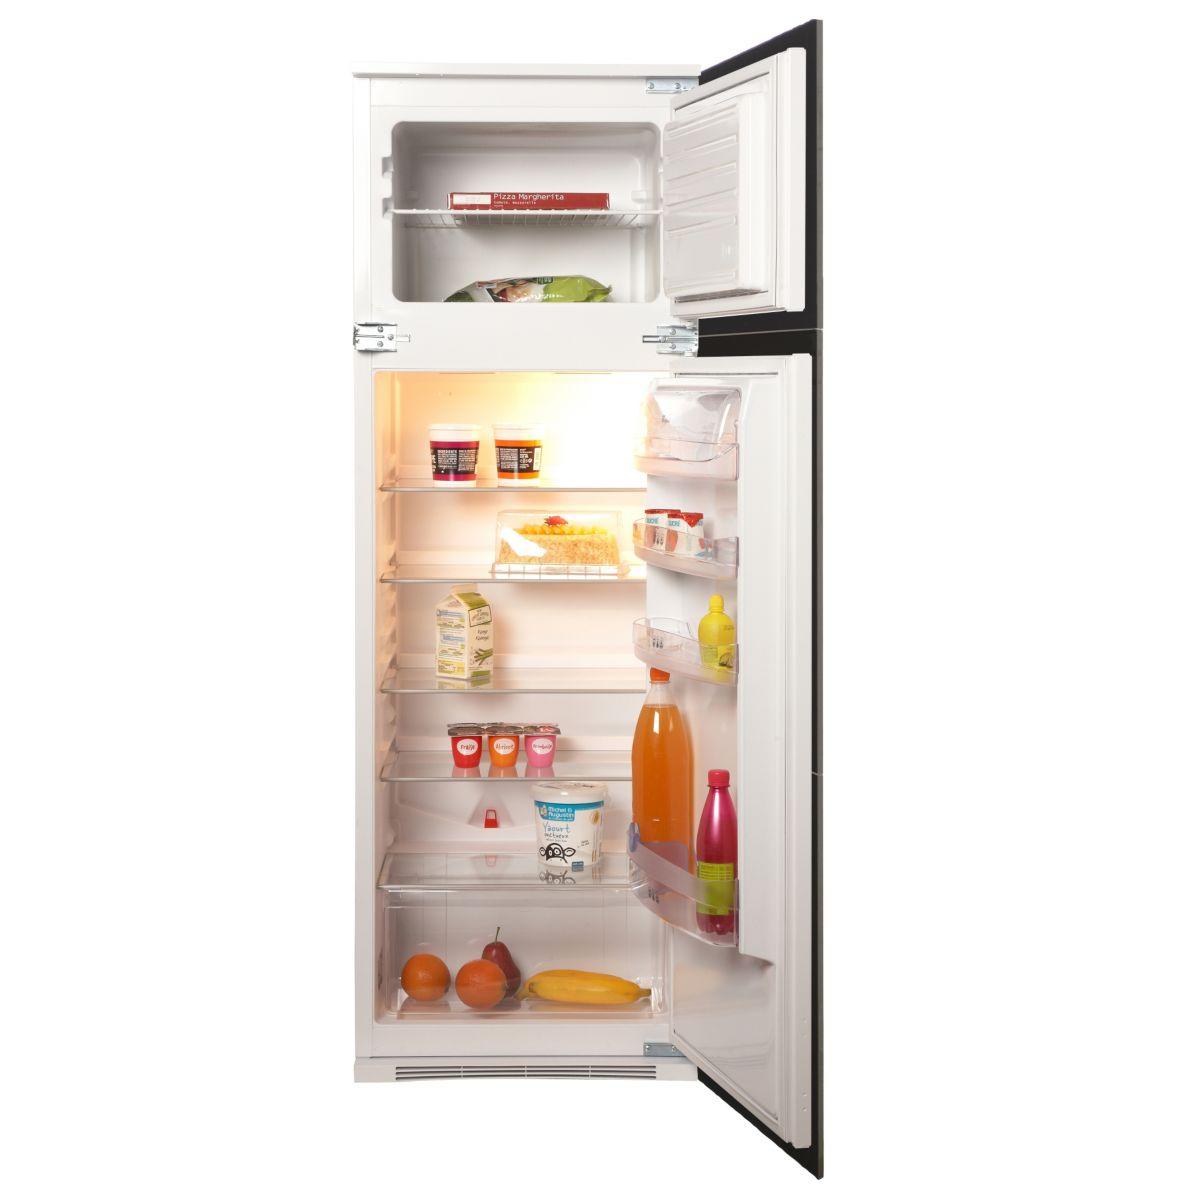 Réfrigérateur combiné encastrable WHIRLPOOL ART364/A+/5